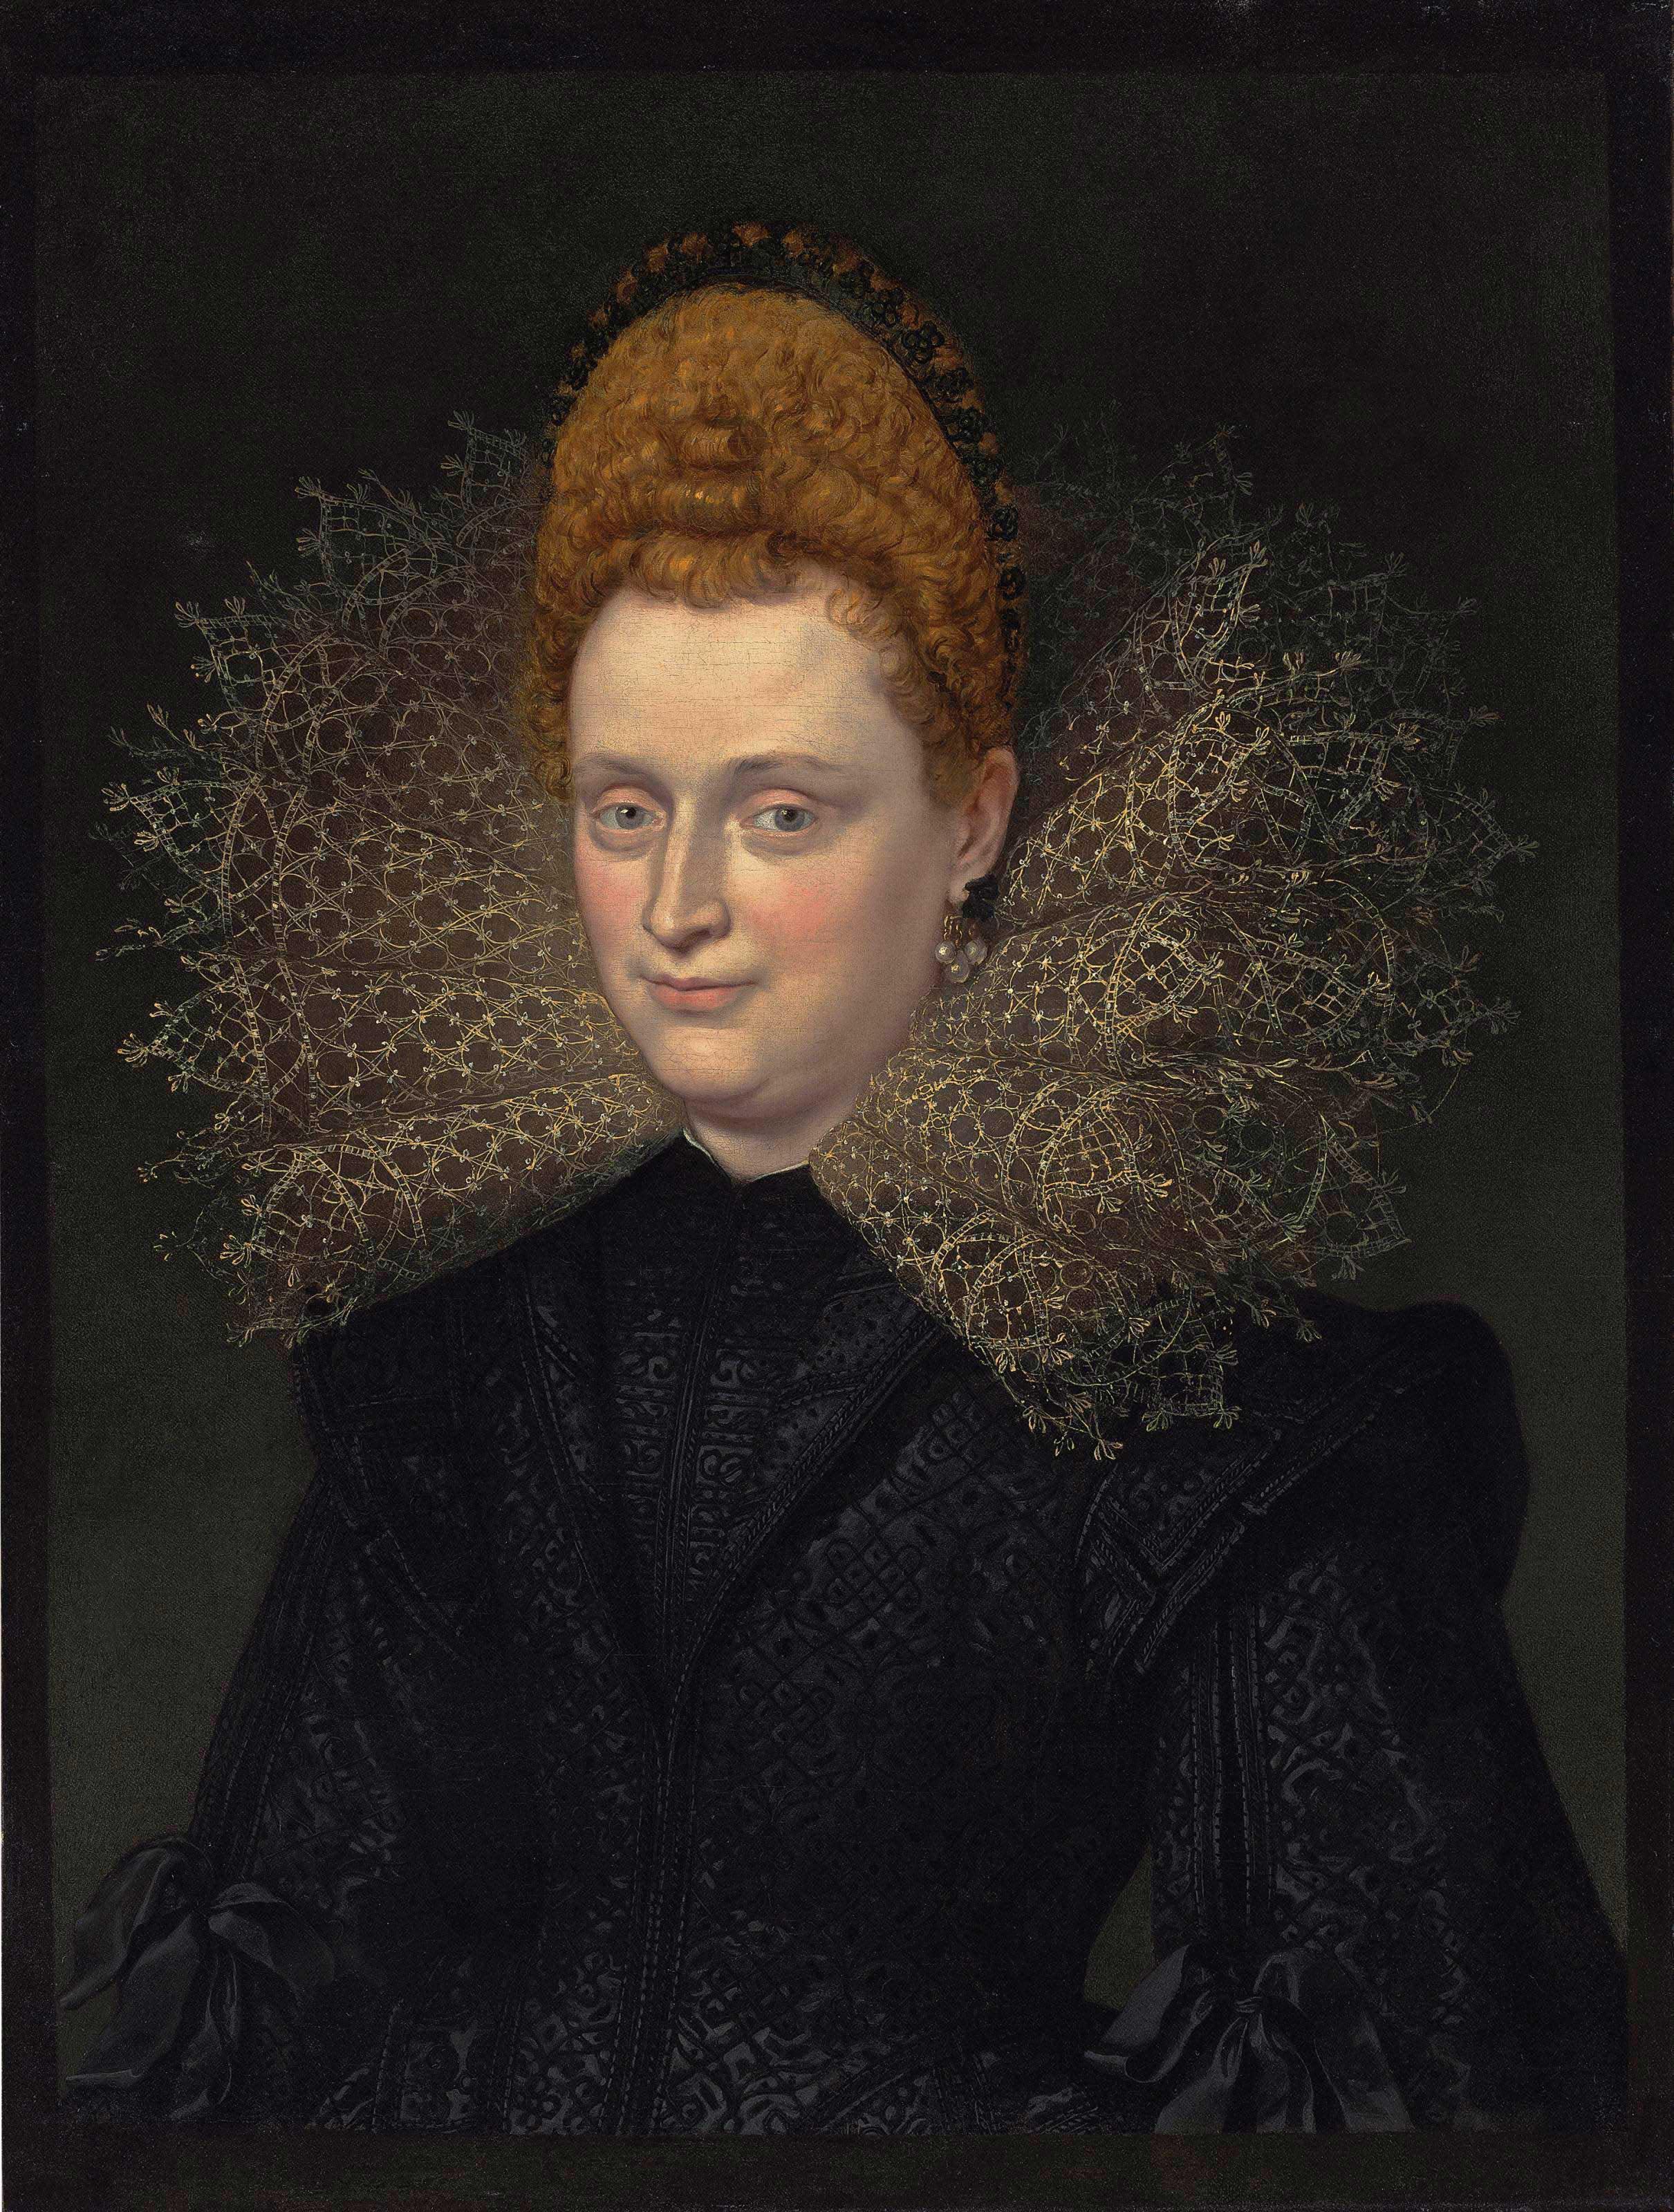 Portrait Of 17 Year Old Teenage Boy With Alternative Hair: Sir Peter Paul Rubens (Siegen 1577-1640 Antwerp